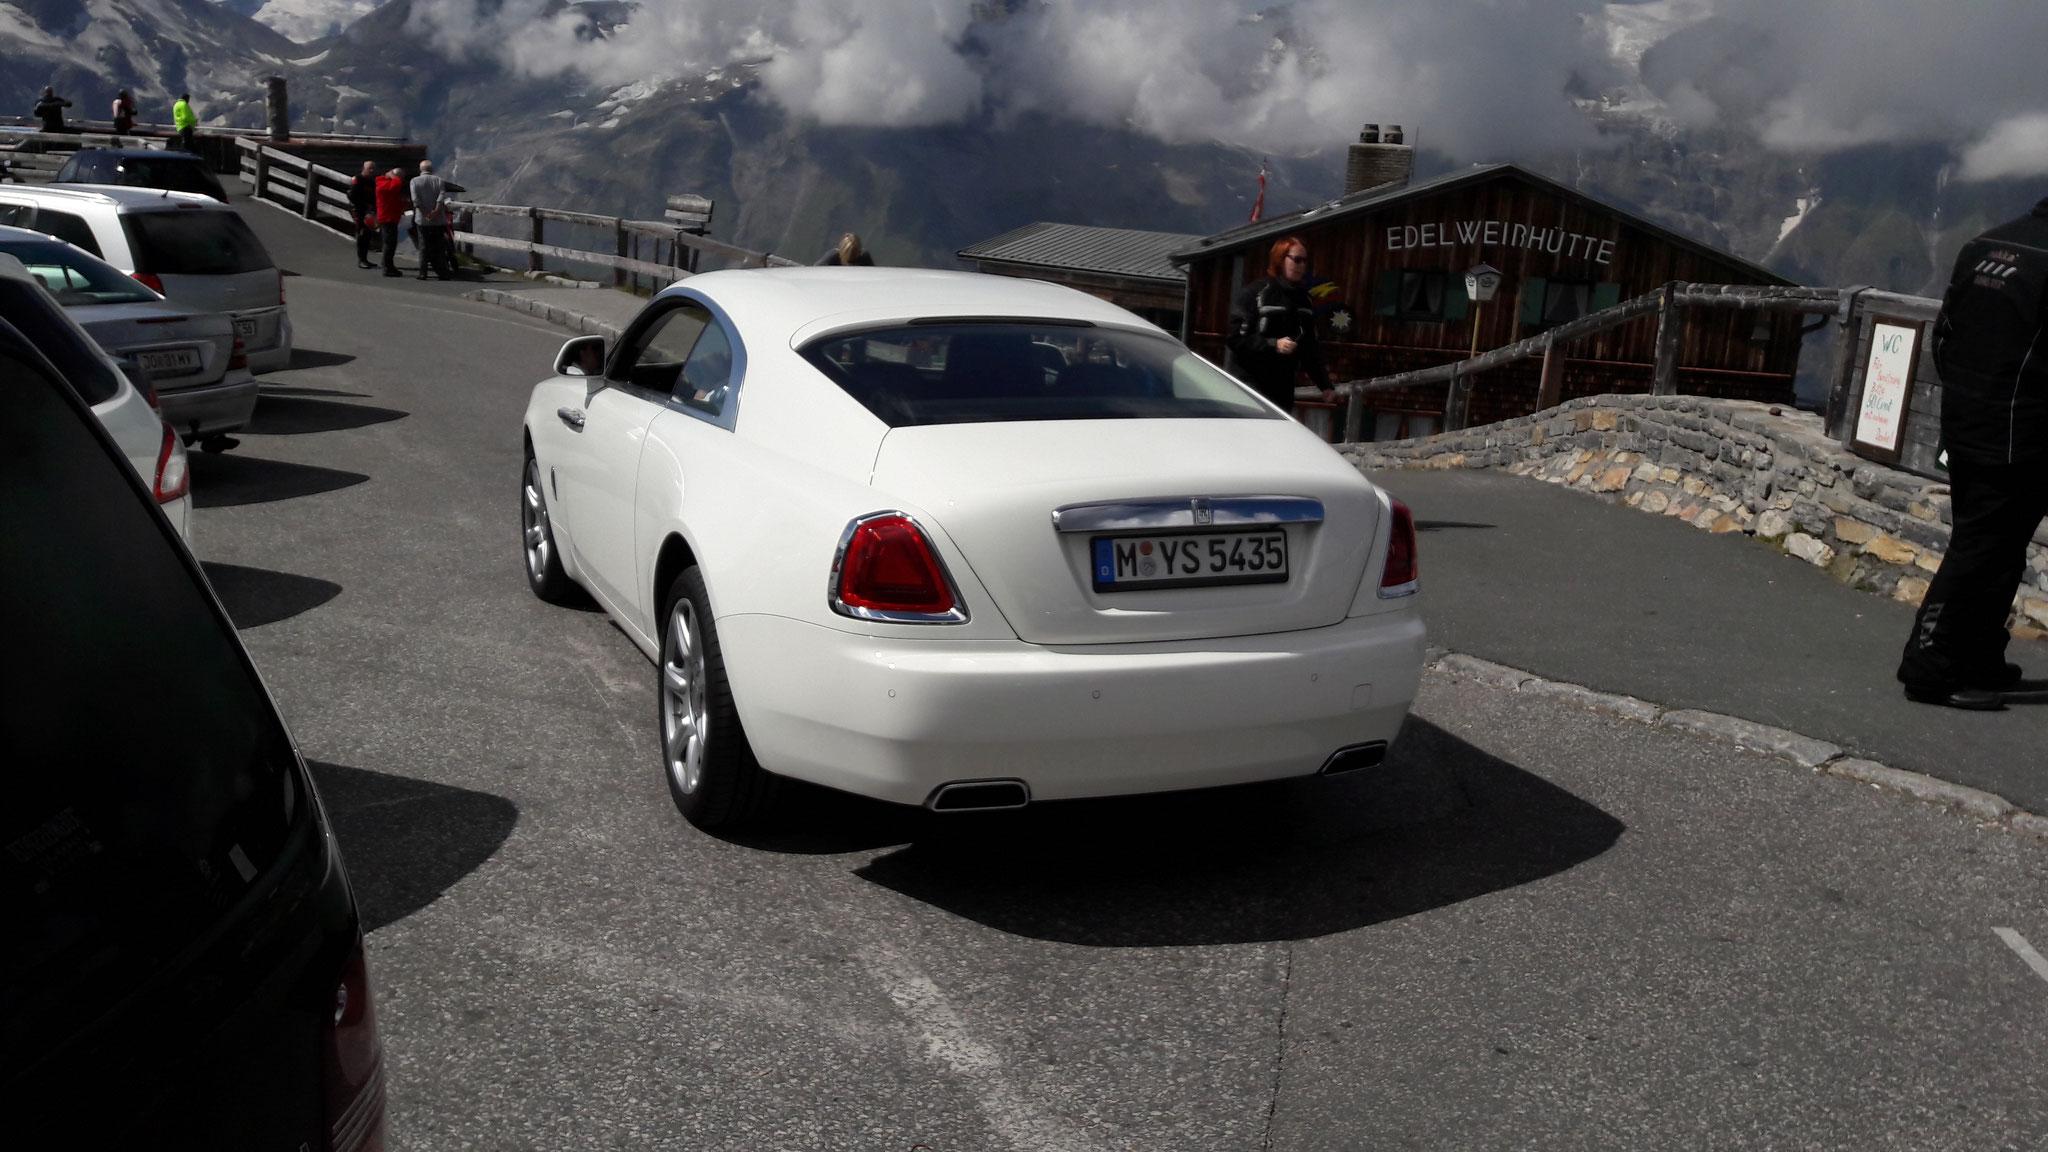 Rolls Royce Wraith - M-YS-5435